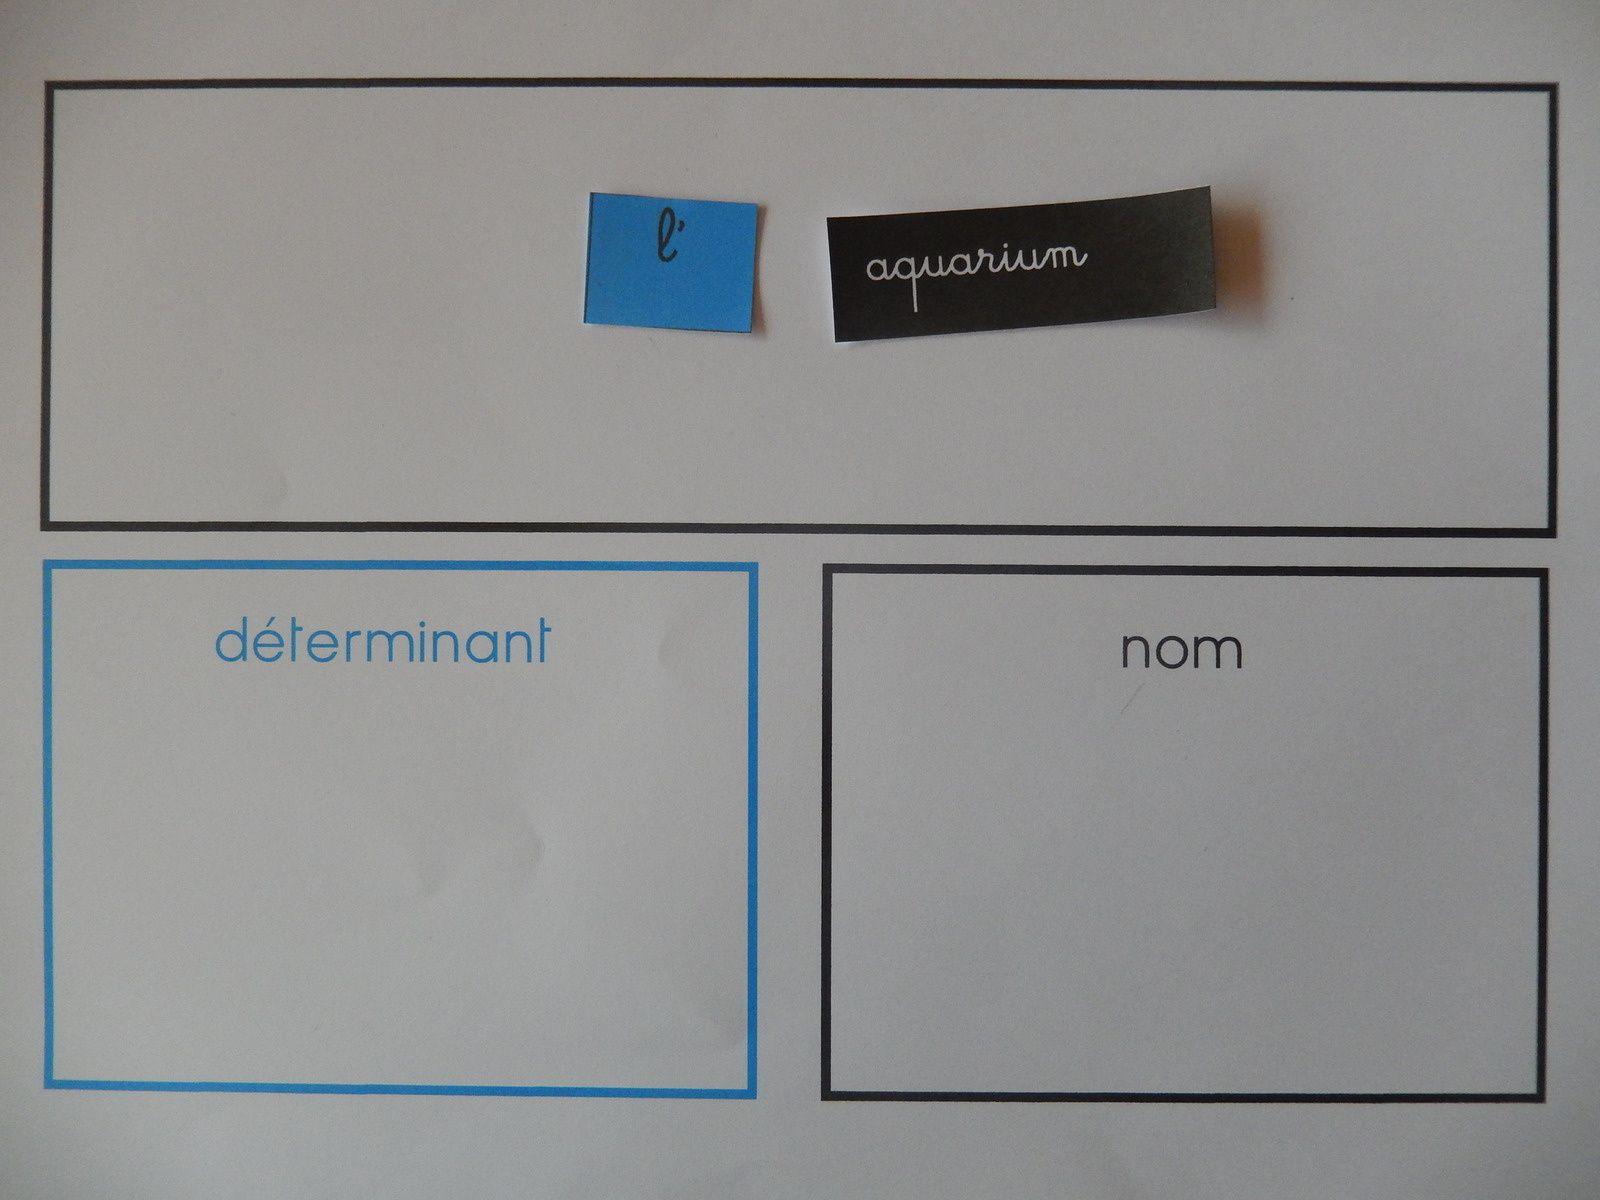 Le déterminant : introduction à la notion de déterminant selon la pédagogie Montessori